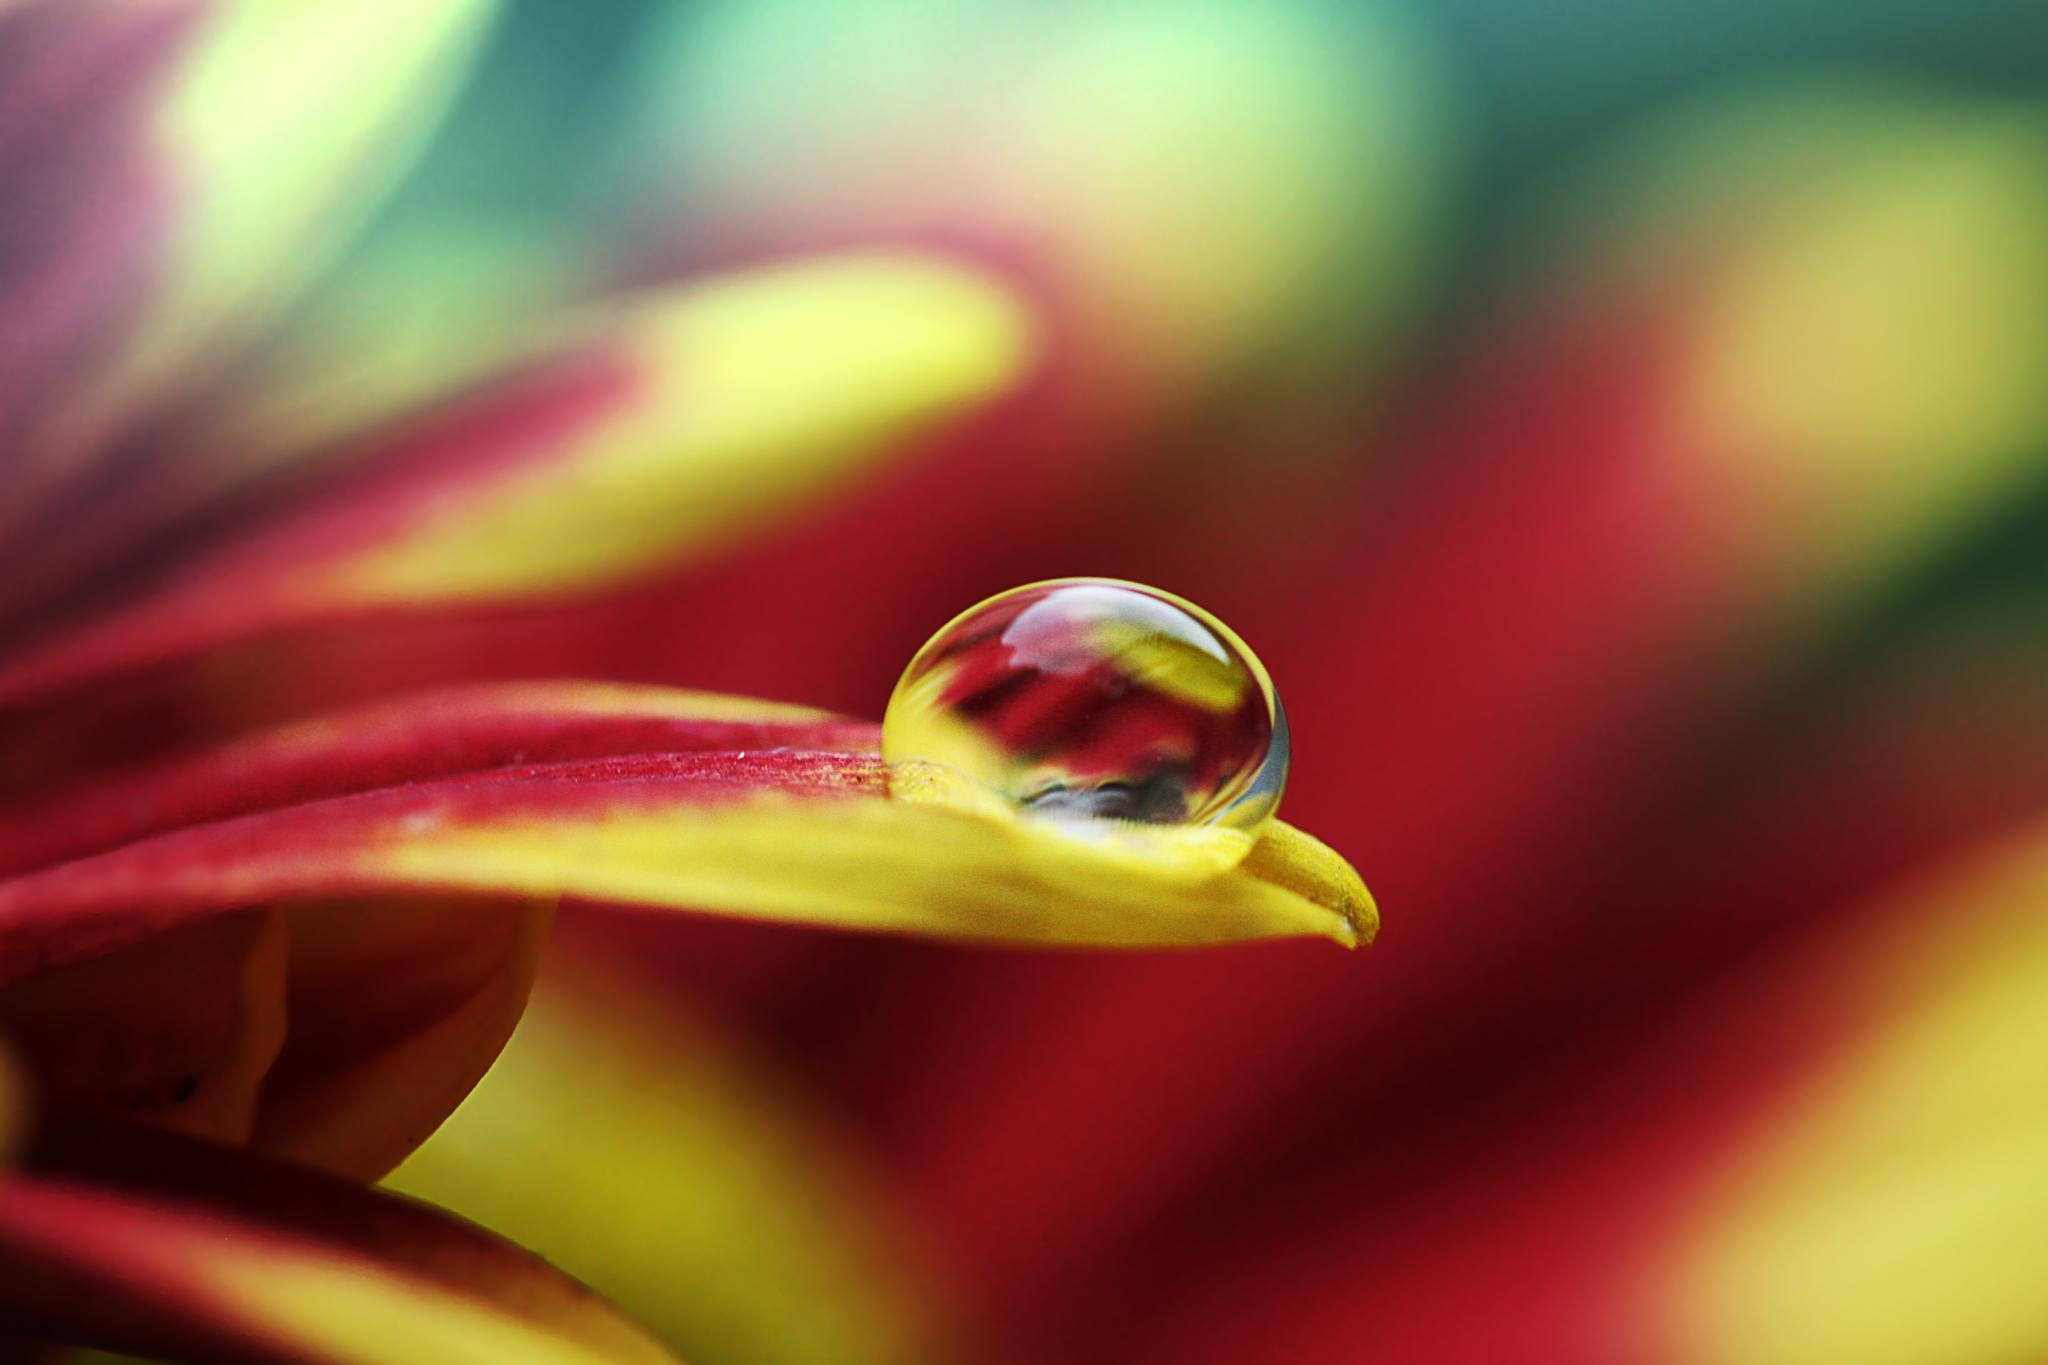 waterdrop by halimqomarudin